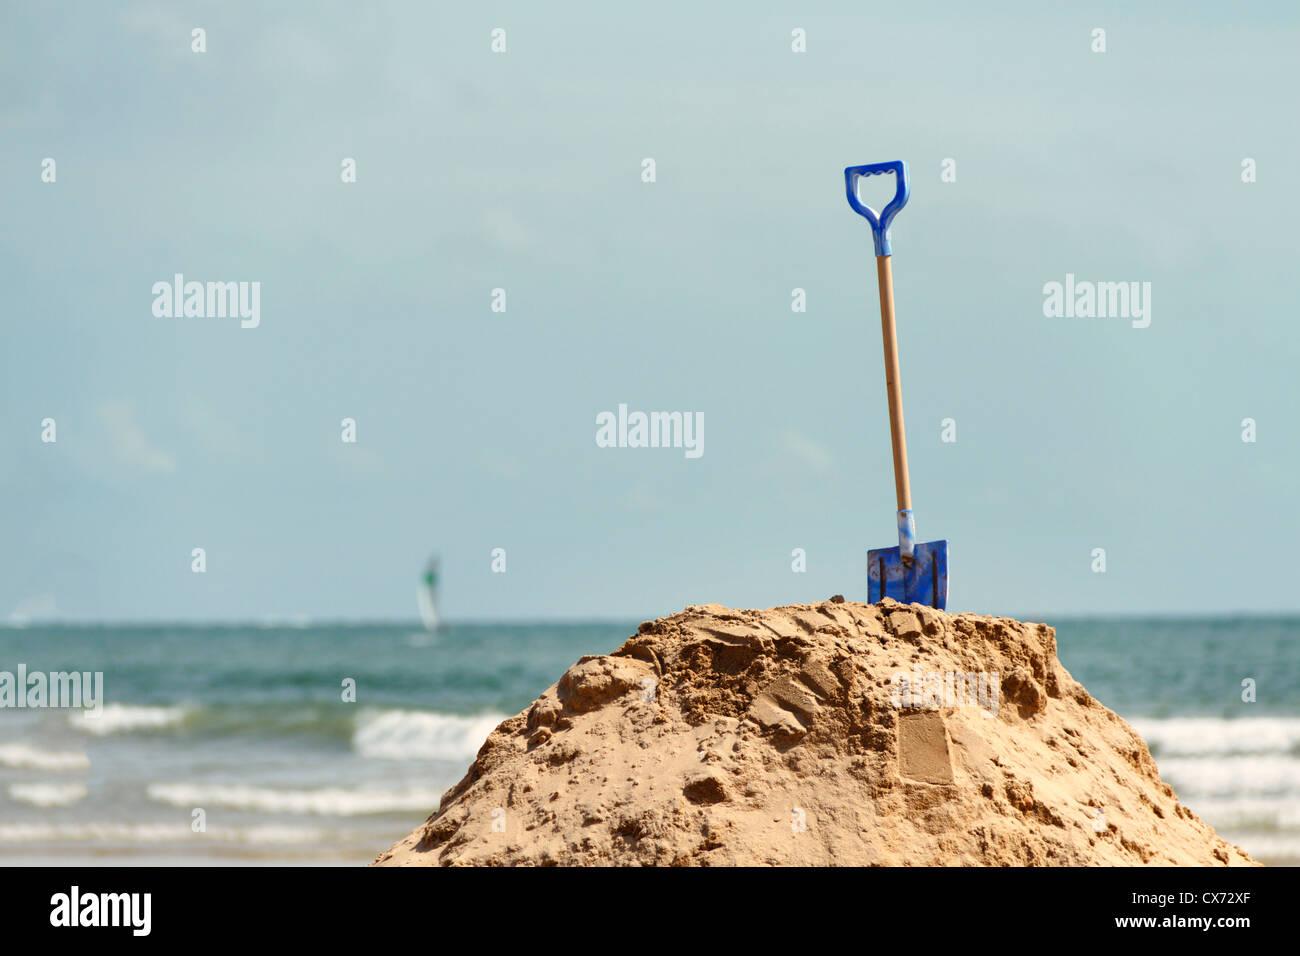 Bambino di spade a tumulo di sabbia, Les Sables-d'Olonne, Vendee, Pays de la Loire, in Francia, in Europa. Immagini Stock